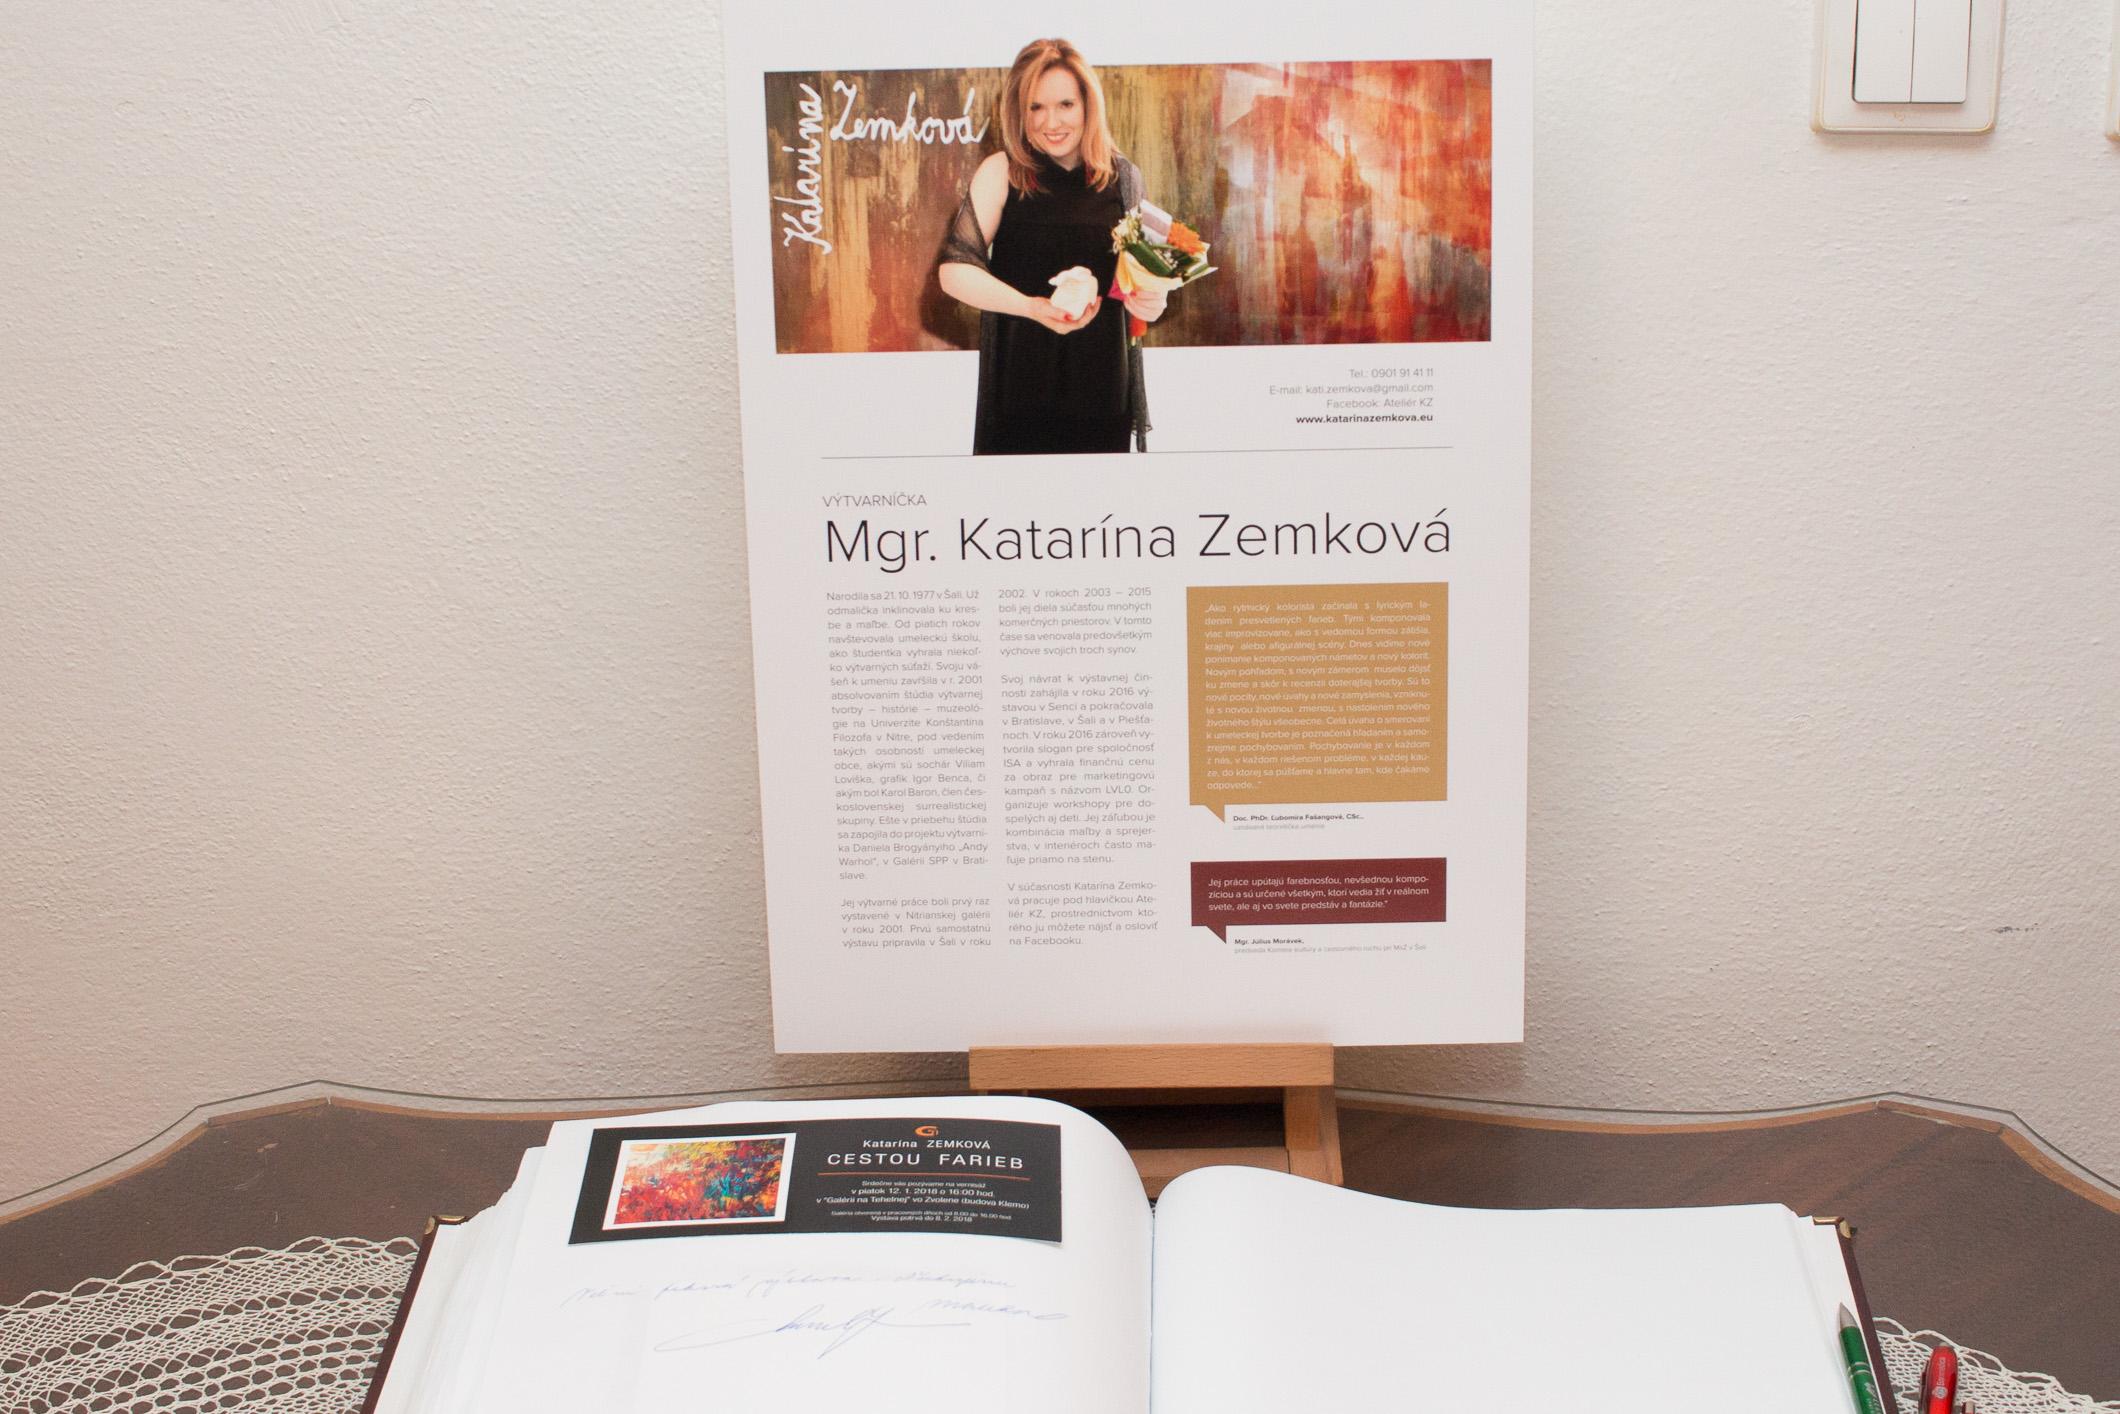 zemkova-cestou-farieb-1